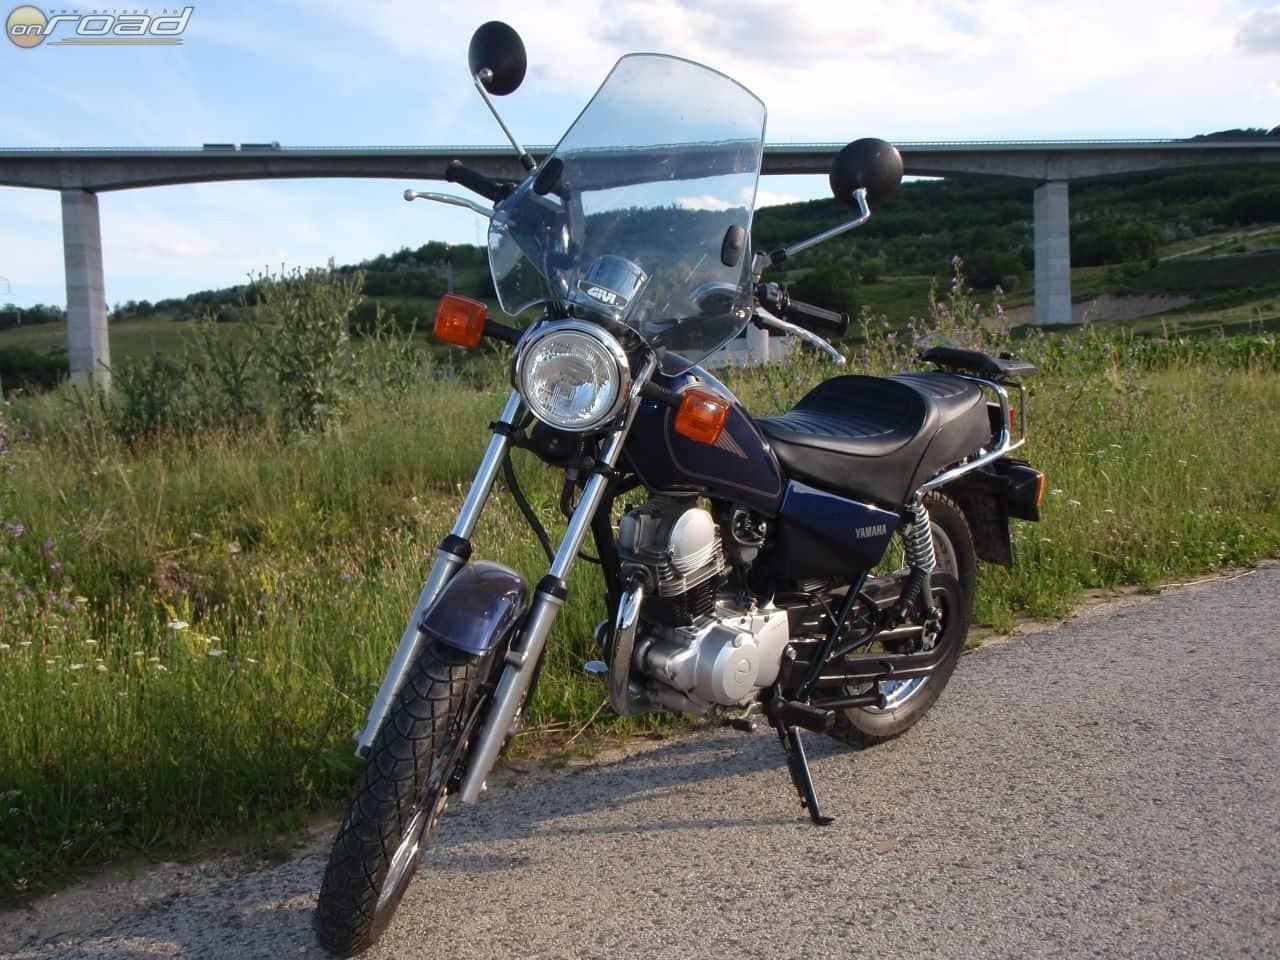 Az SR125 - 10 évesen, az eladás előtt nem sokkal